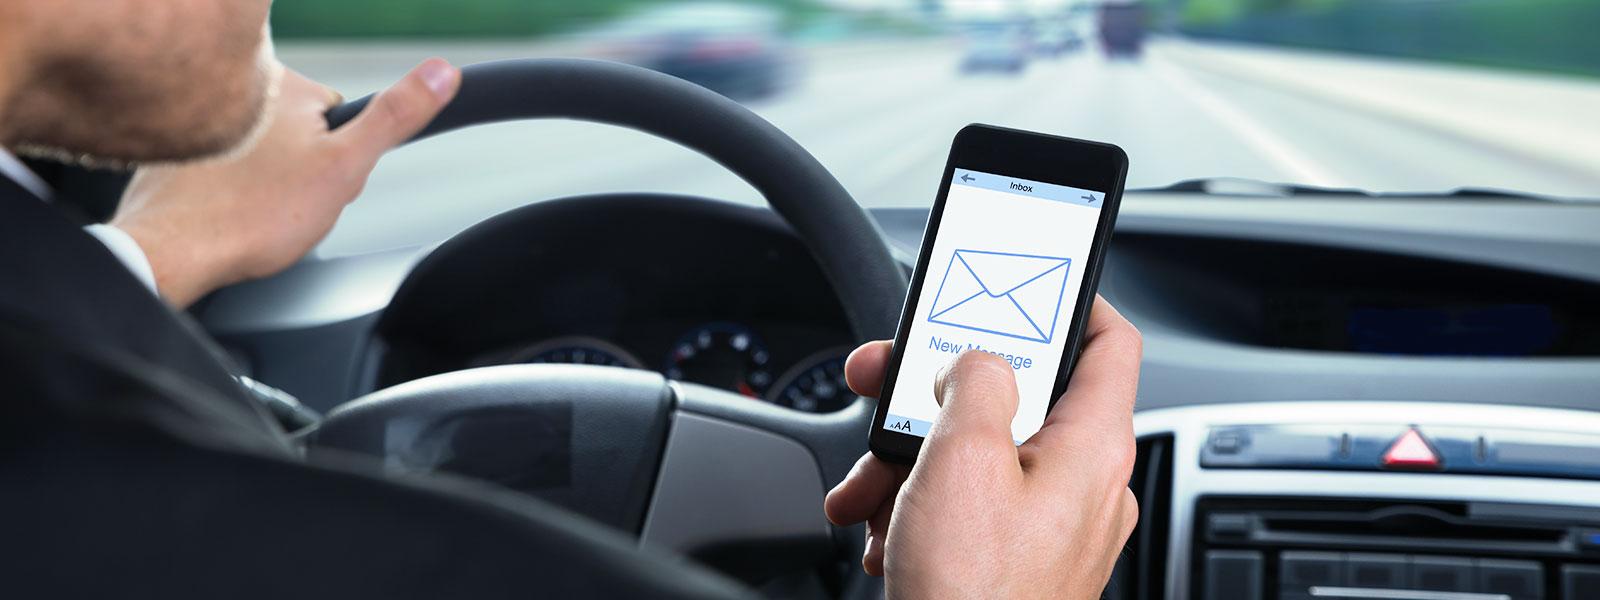 Pequenas distrações podem causar graves acidentes de trânsito